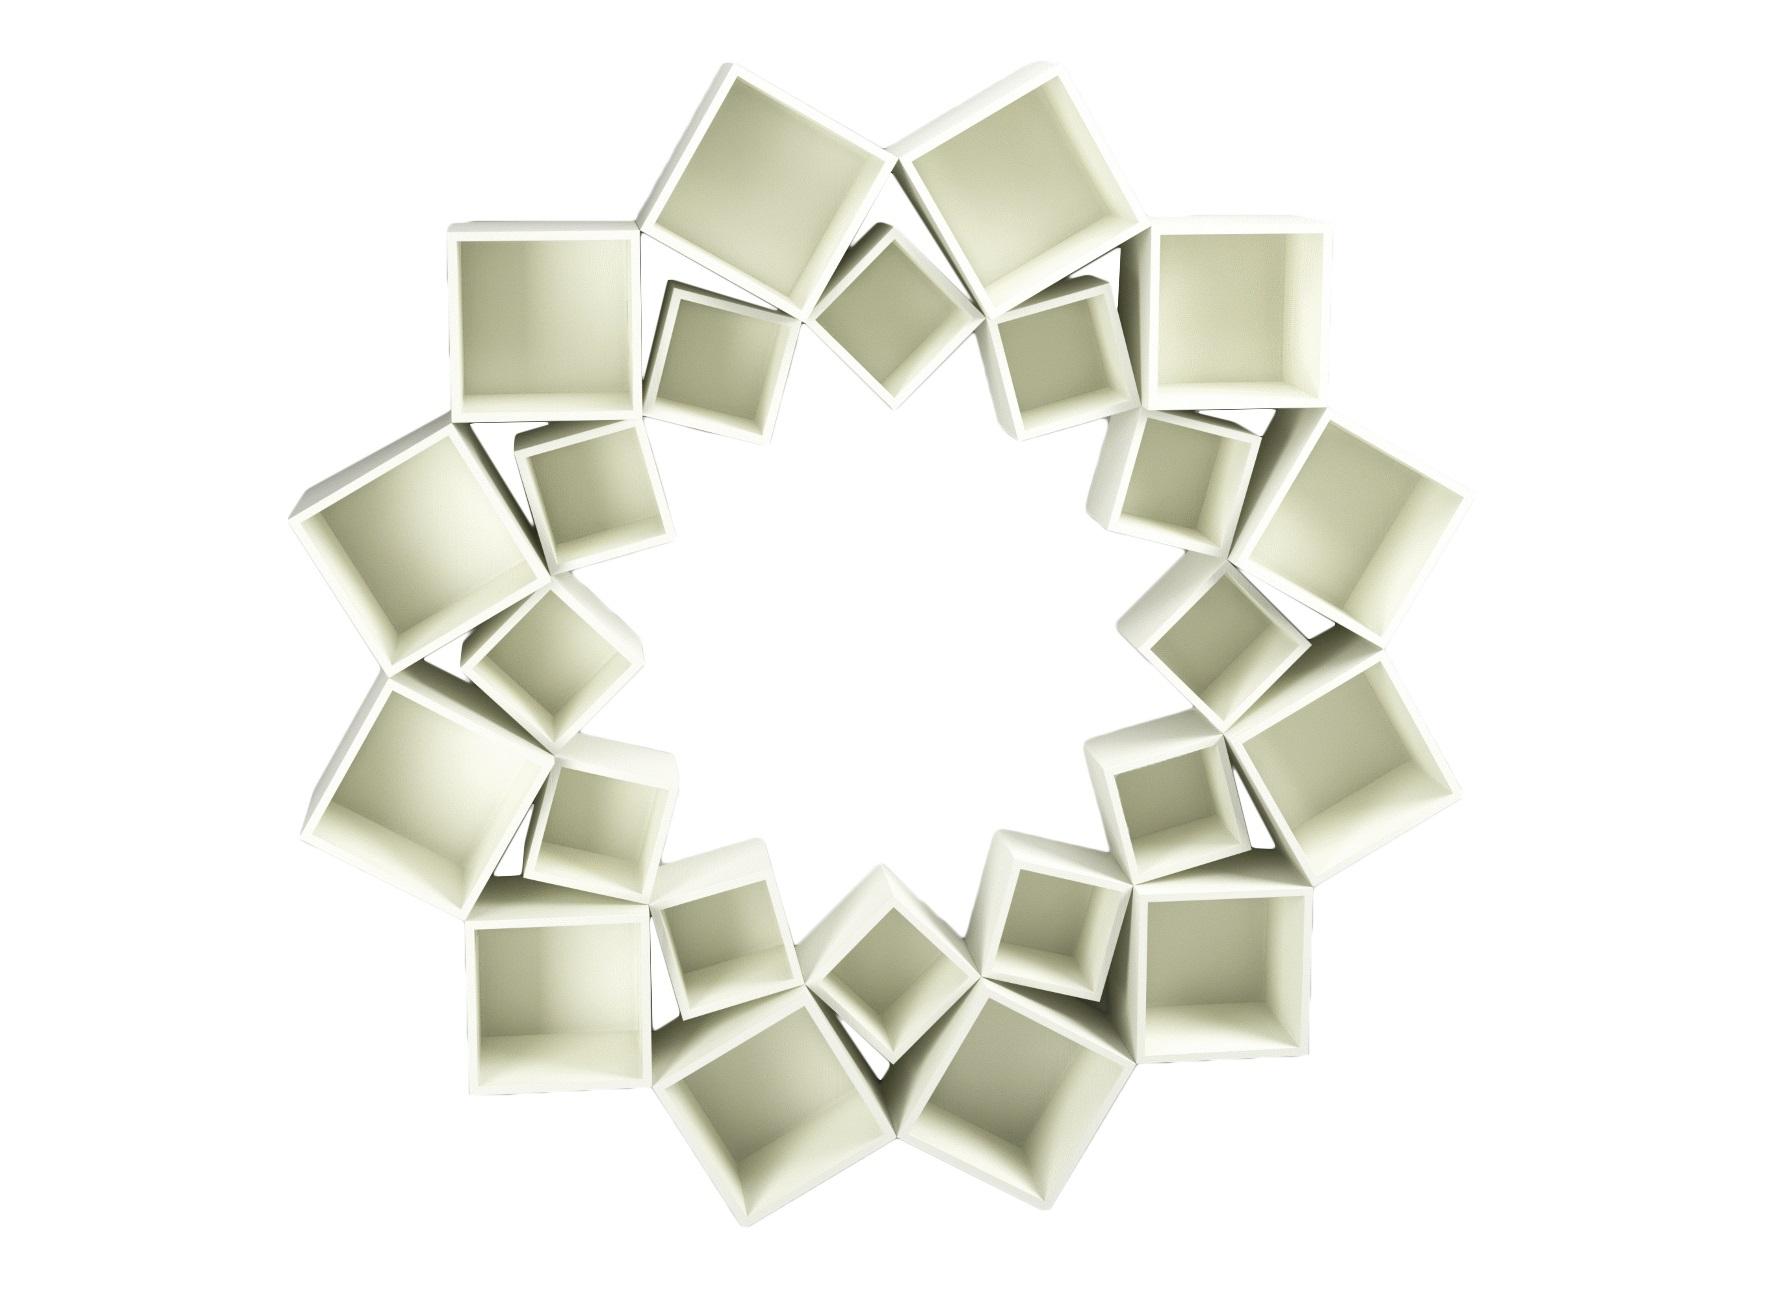 Стеллаж Лотос 2 кругаСтеллажи и этажерки<br>&amp;lt;div&amp;gt;Потрясающий стеллаж из трех кругов квадратов!&amp;amp;nbsp;&amp;lt;br&amp;gt;&amp;lt;/div&amp;gt;&amp;lt;div&amp;gt;&amp;lt;br&amp;gt;&amp;lt;/div&amp;gt;&amp;lt;div&amp;gt;Материал: МДФ, шпон&amp;amp;nbsp;&amp;lt;/div&amp;gt;<br><br>Material: МДФ<br>Высота см: 210<br>Глубина см: 30